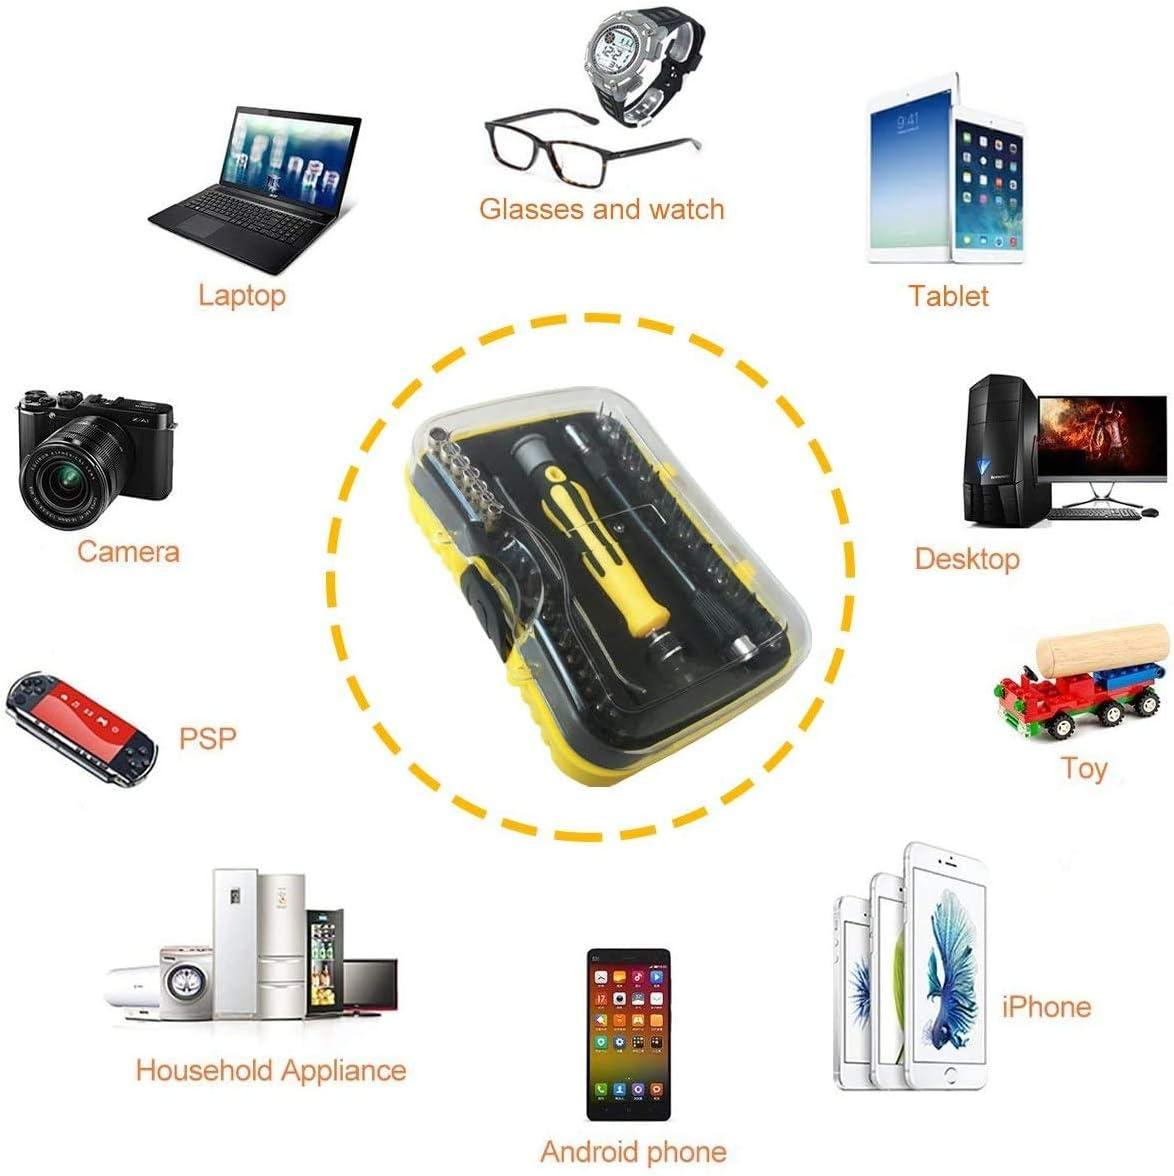 relojes smartphones MacBook tabletas iPad PC gafas con funda Ankier Juego de destornilladores 43 en 1 magn/éticos para reparaci/ón de dispositivos electr/ónicos para iPhone 7 Plus